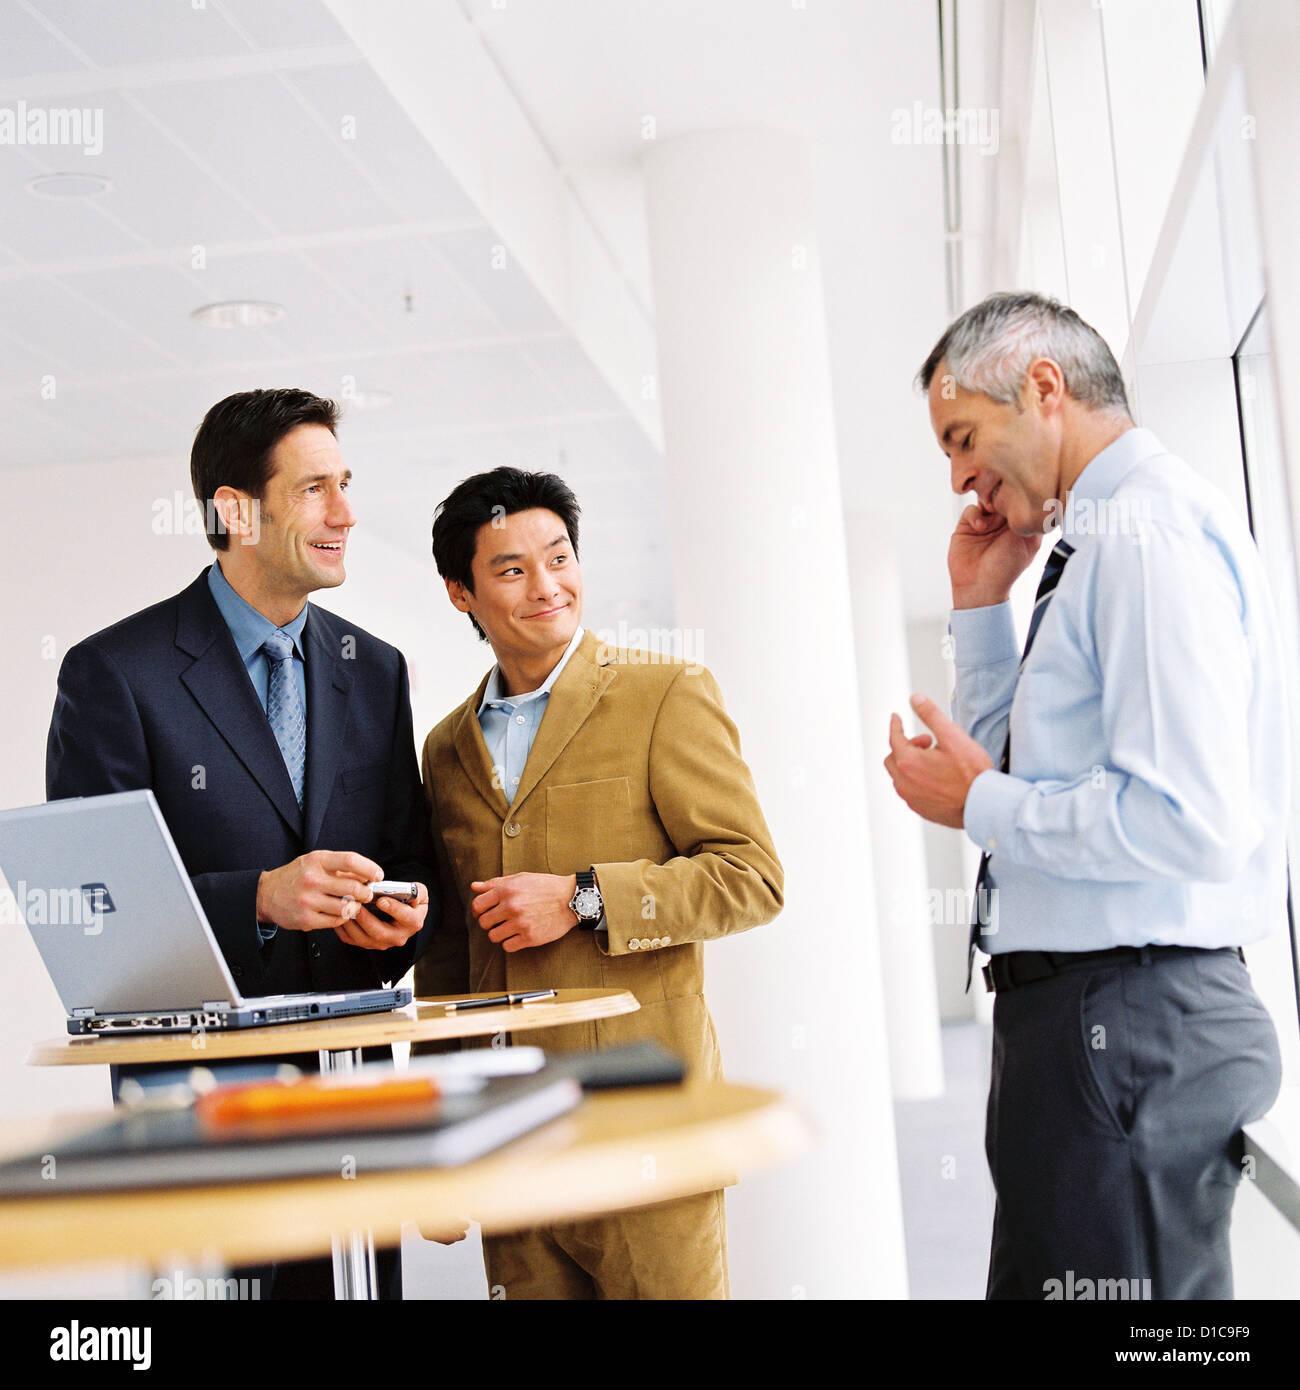 Business Person Business Beziehung Business Kleid Geschäftsmann Manager-Lizenz frei außer anzeigen und Stockbild